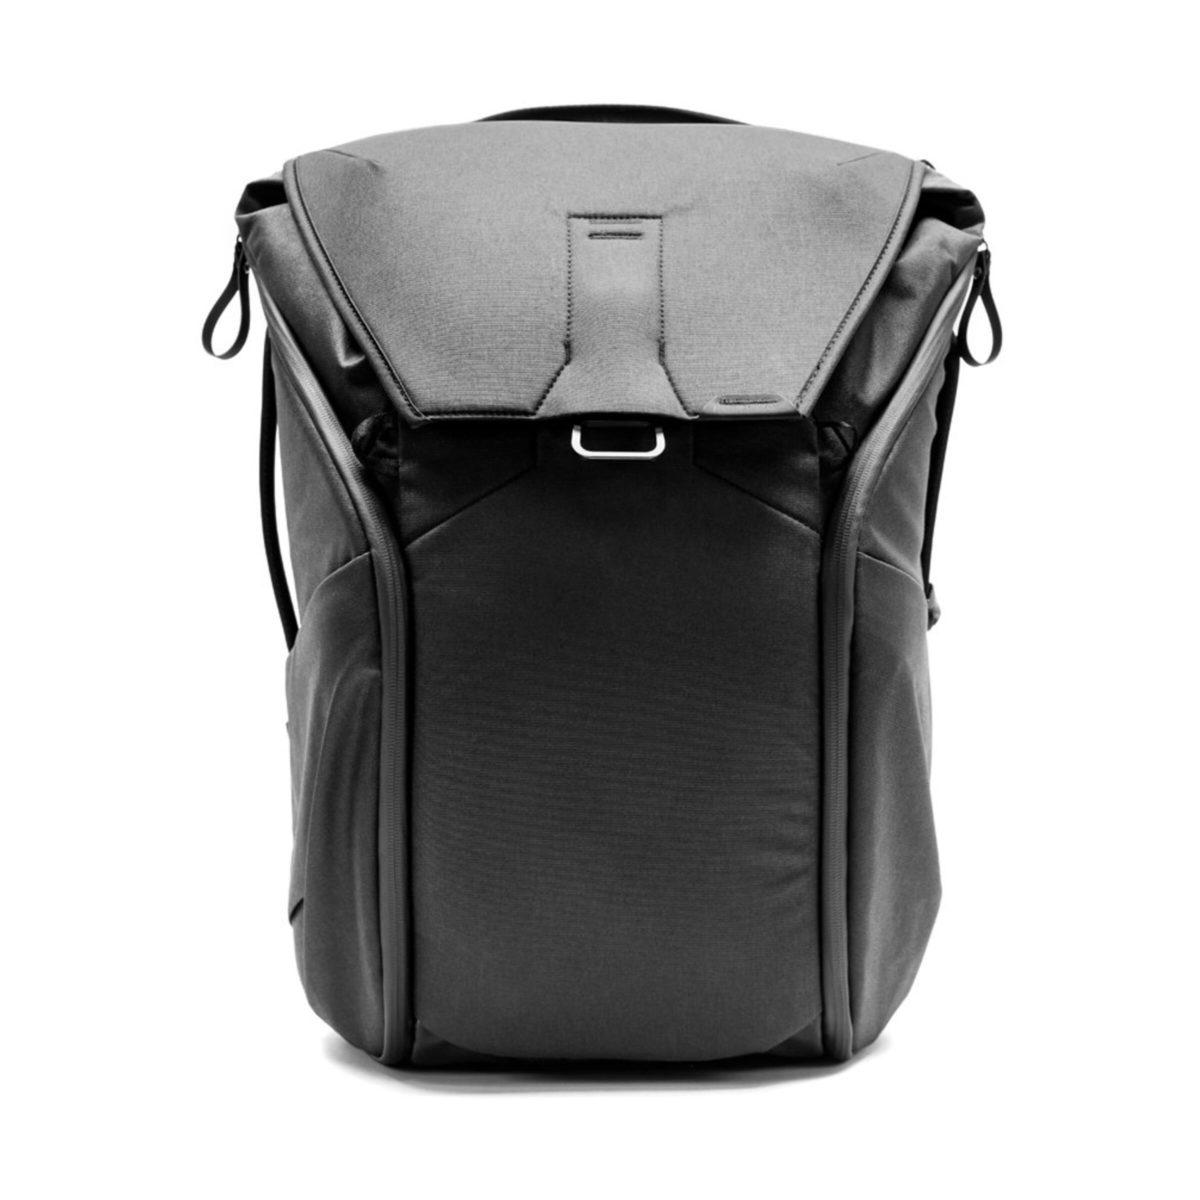 peak_design_everyday_backpack_30l_bk_01